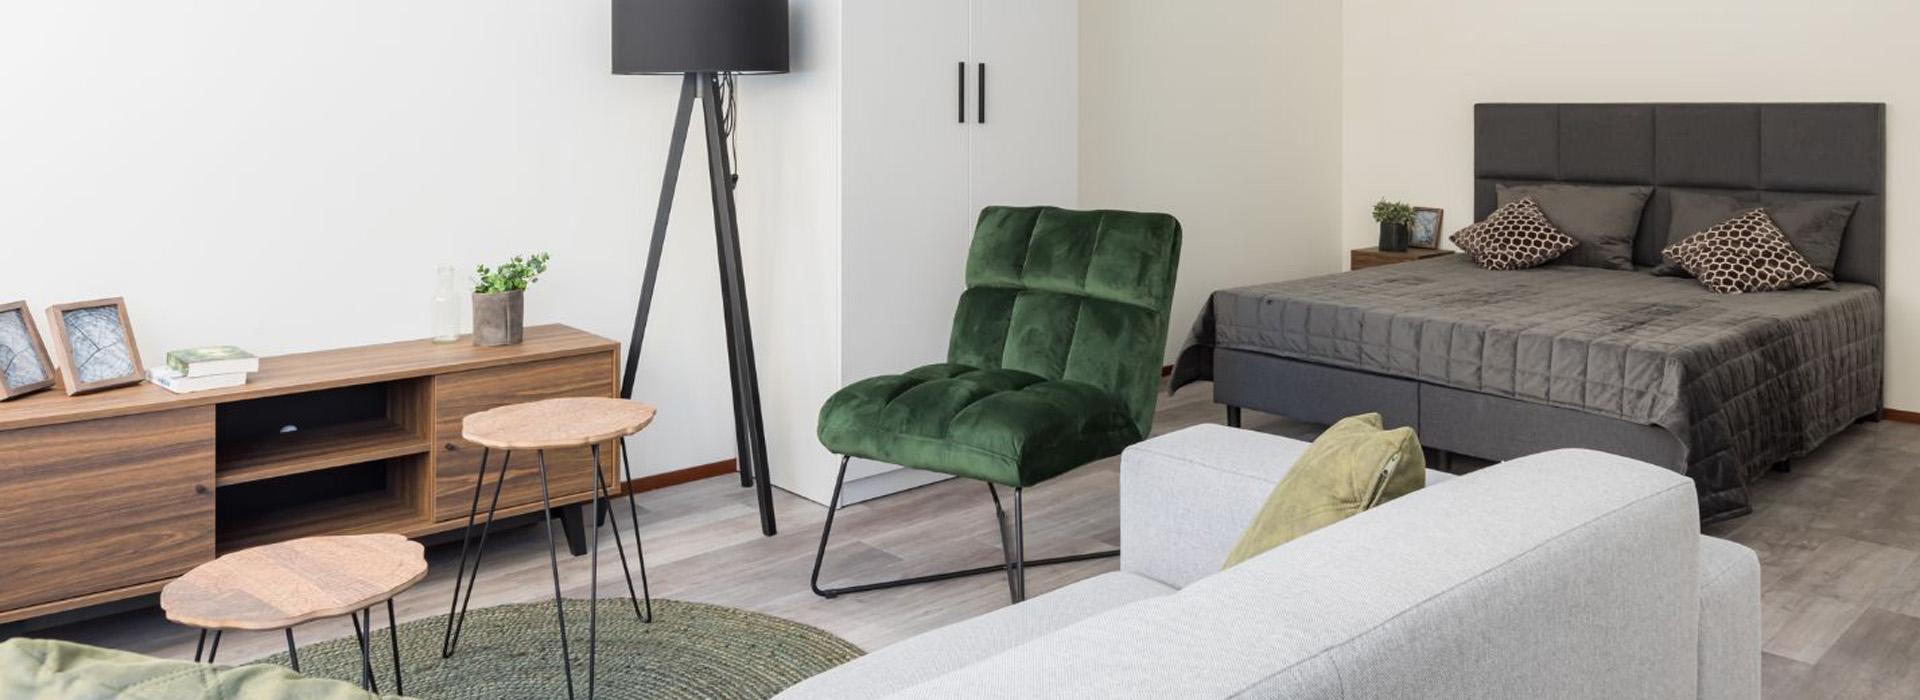 living and bedroom area in studio Maritz in The Hague